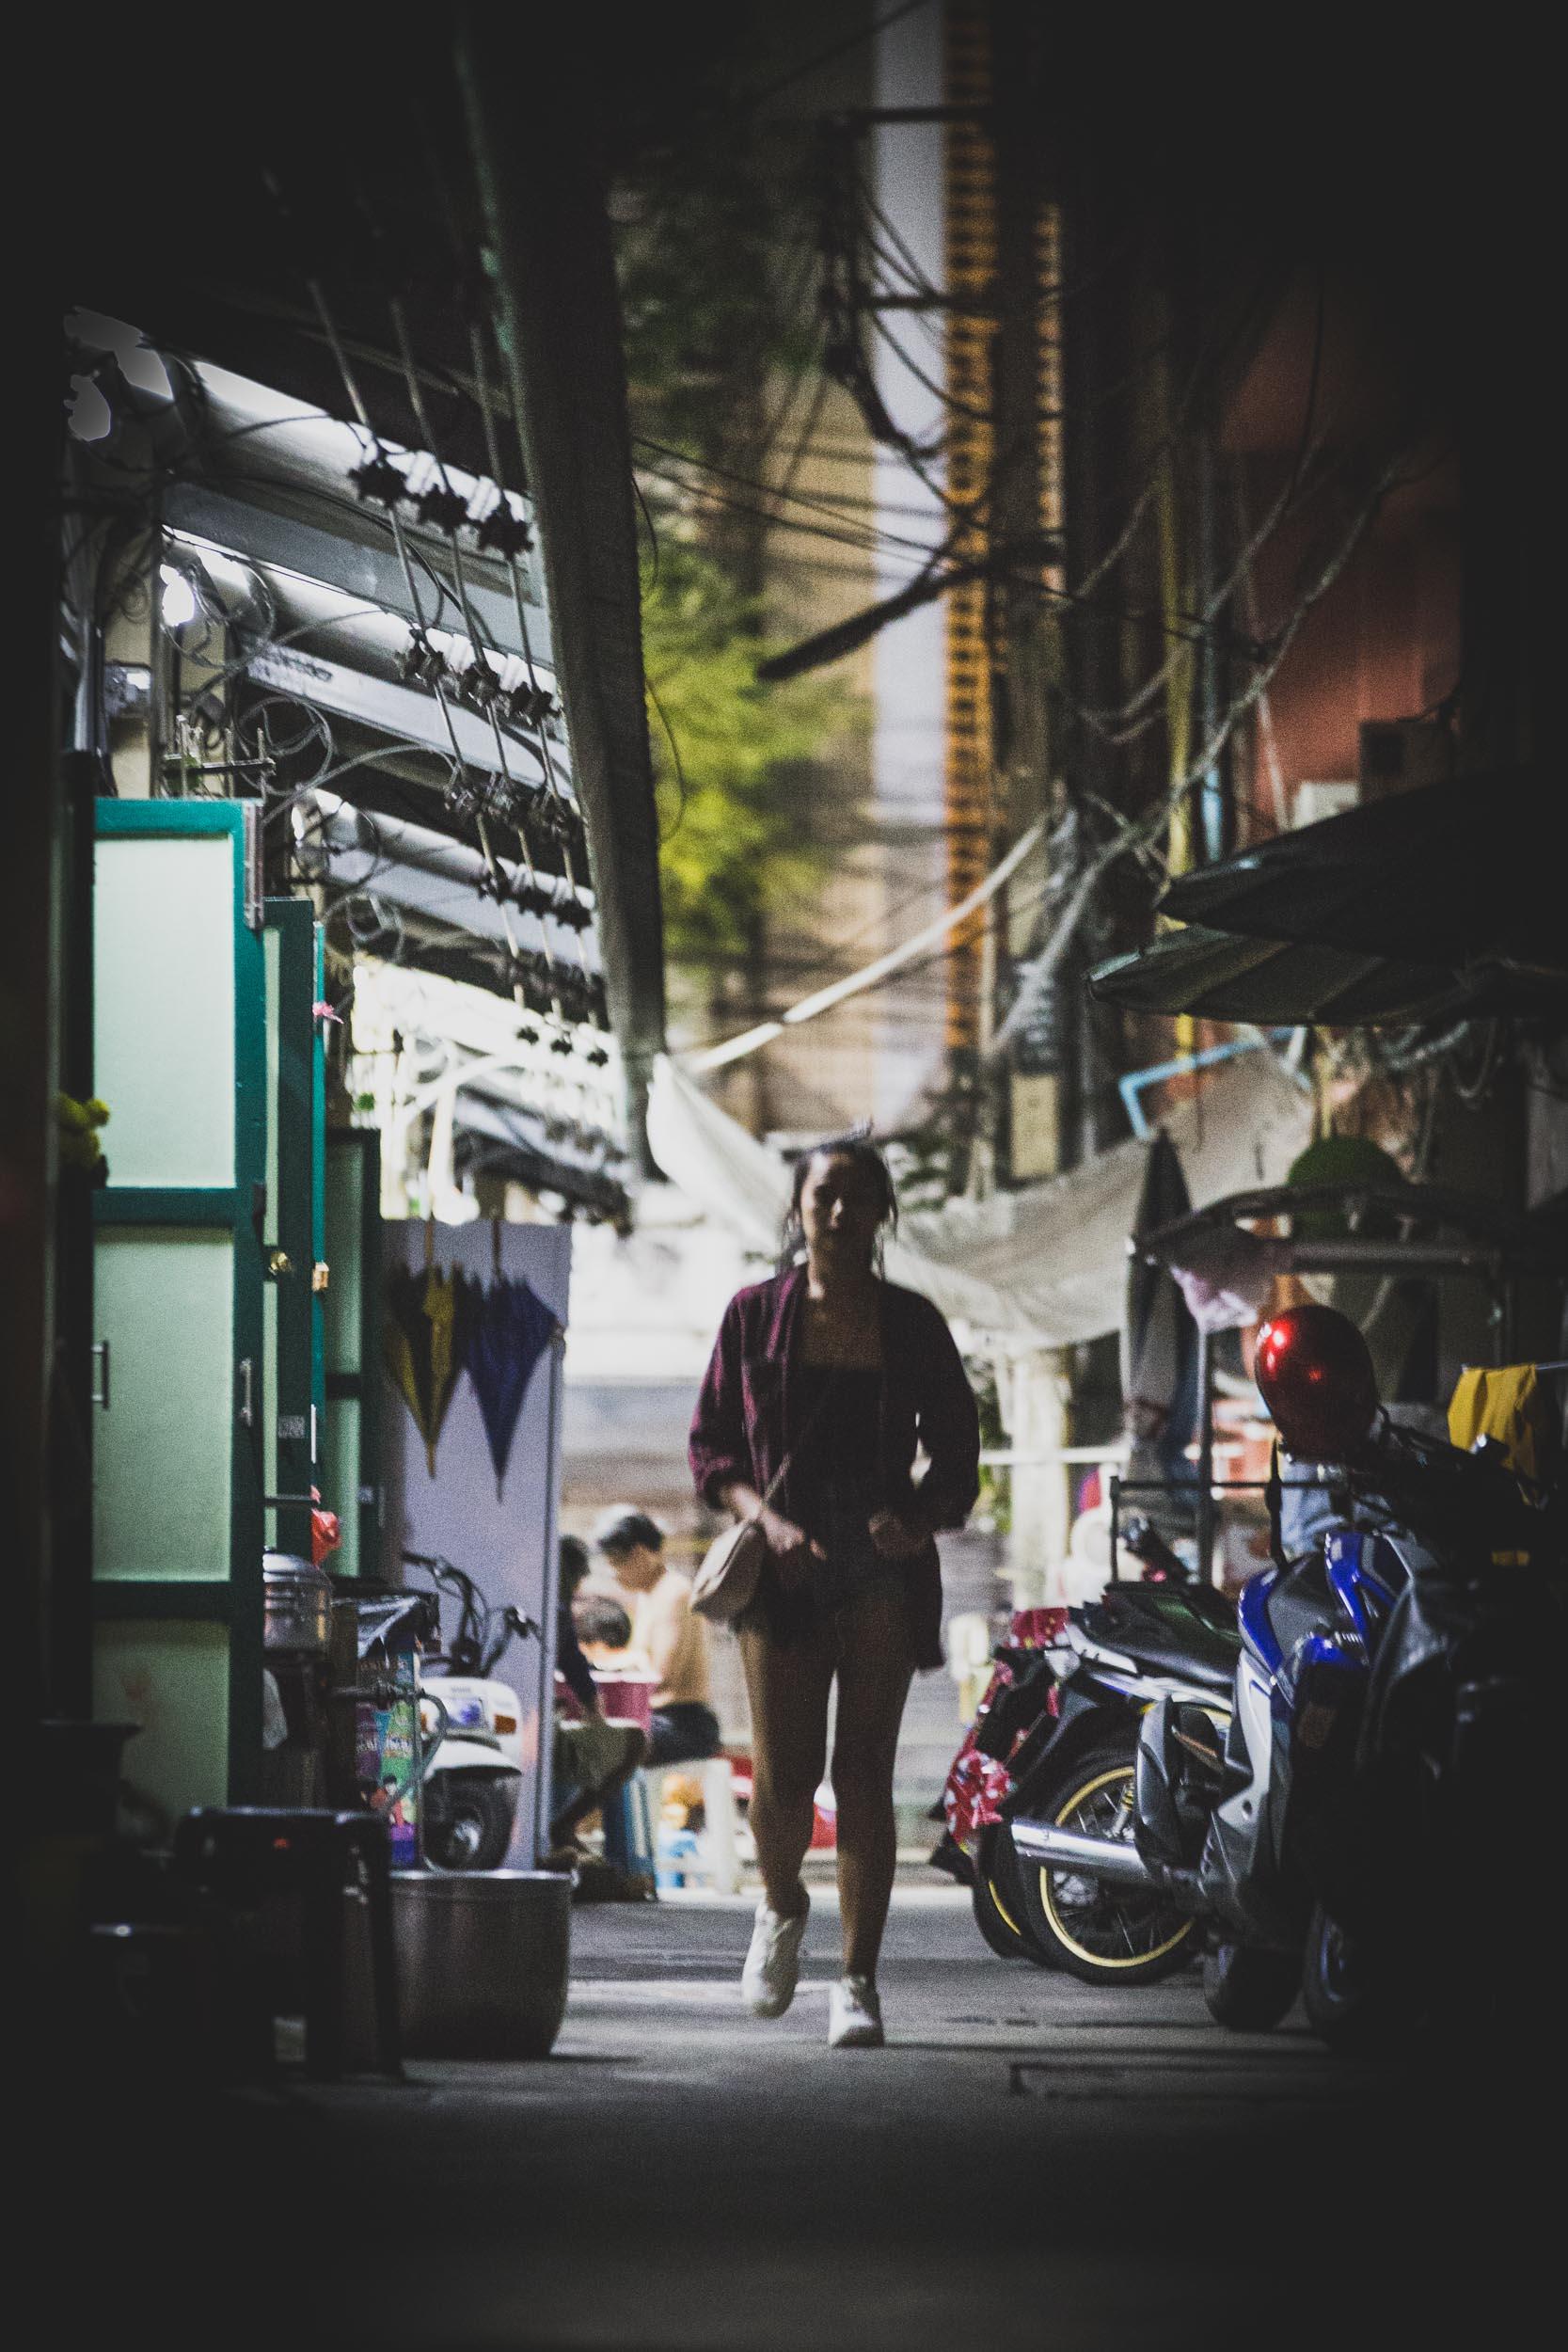 Alleyway by Khao San Road.